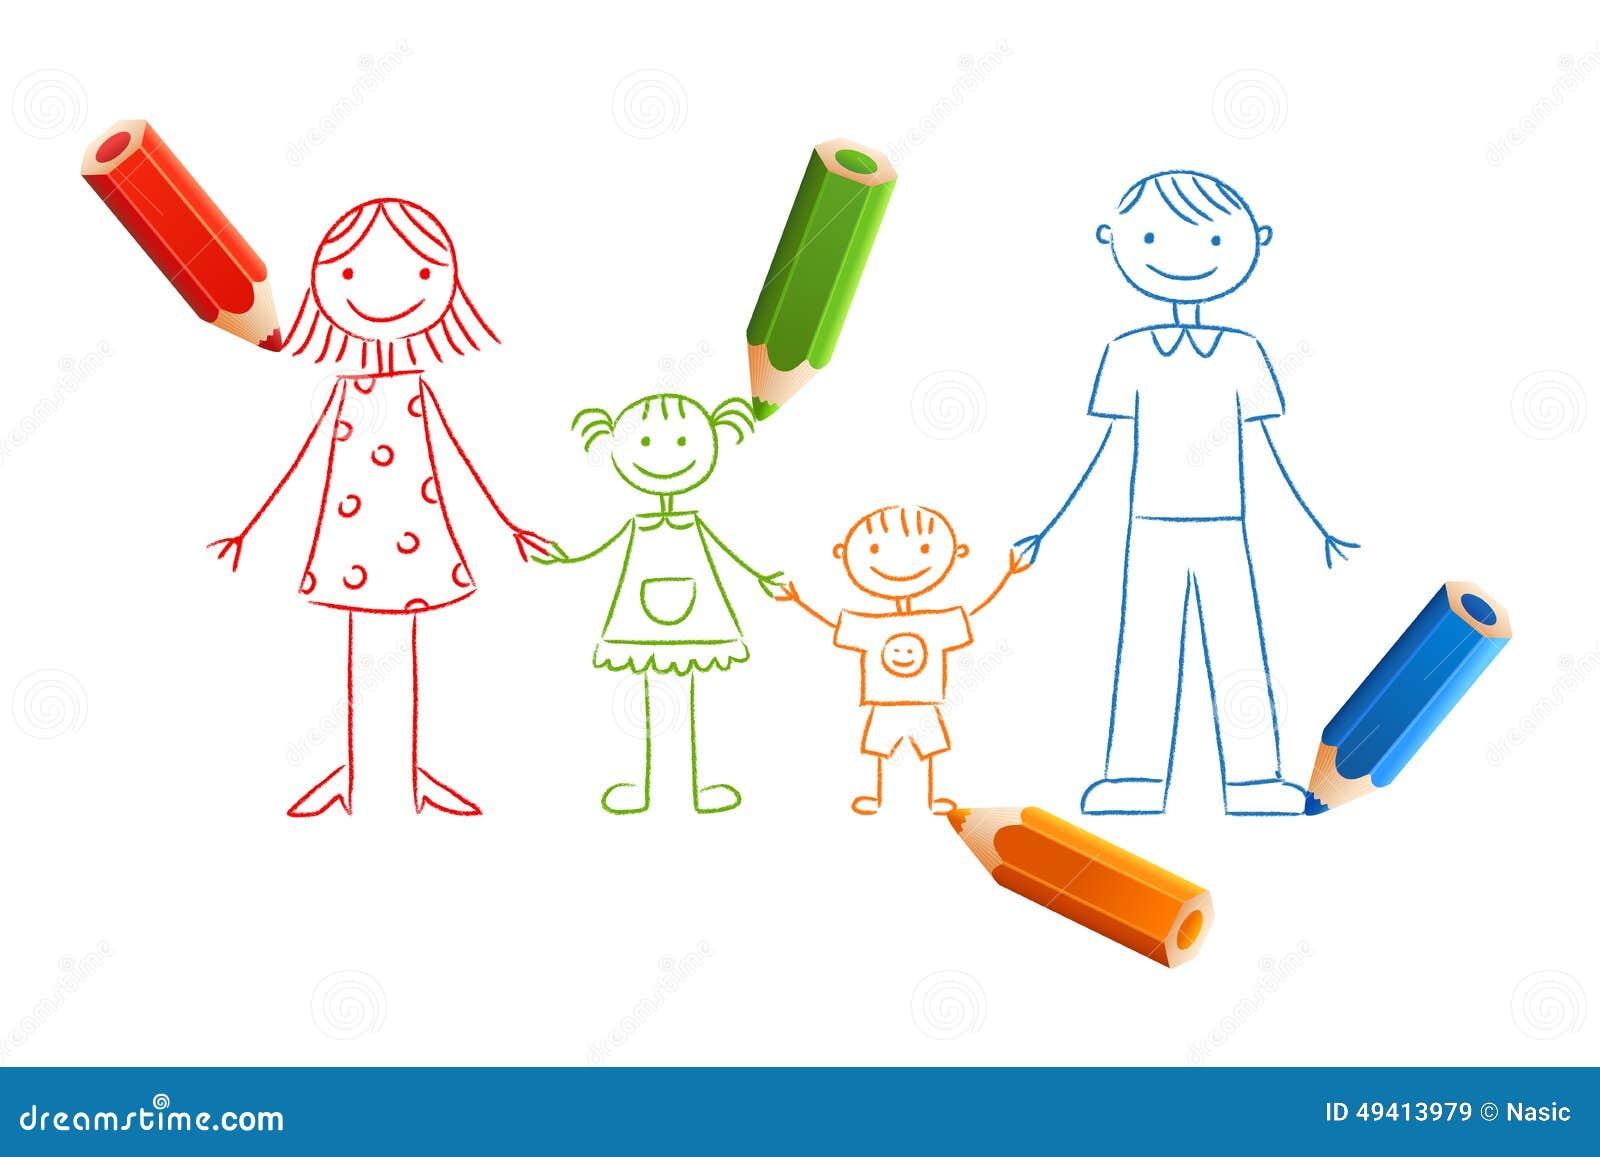 Download Kinder gezeichnete Familie vektor abbildung. Illustration von familie - 49413979